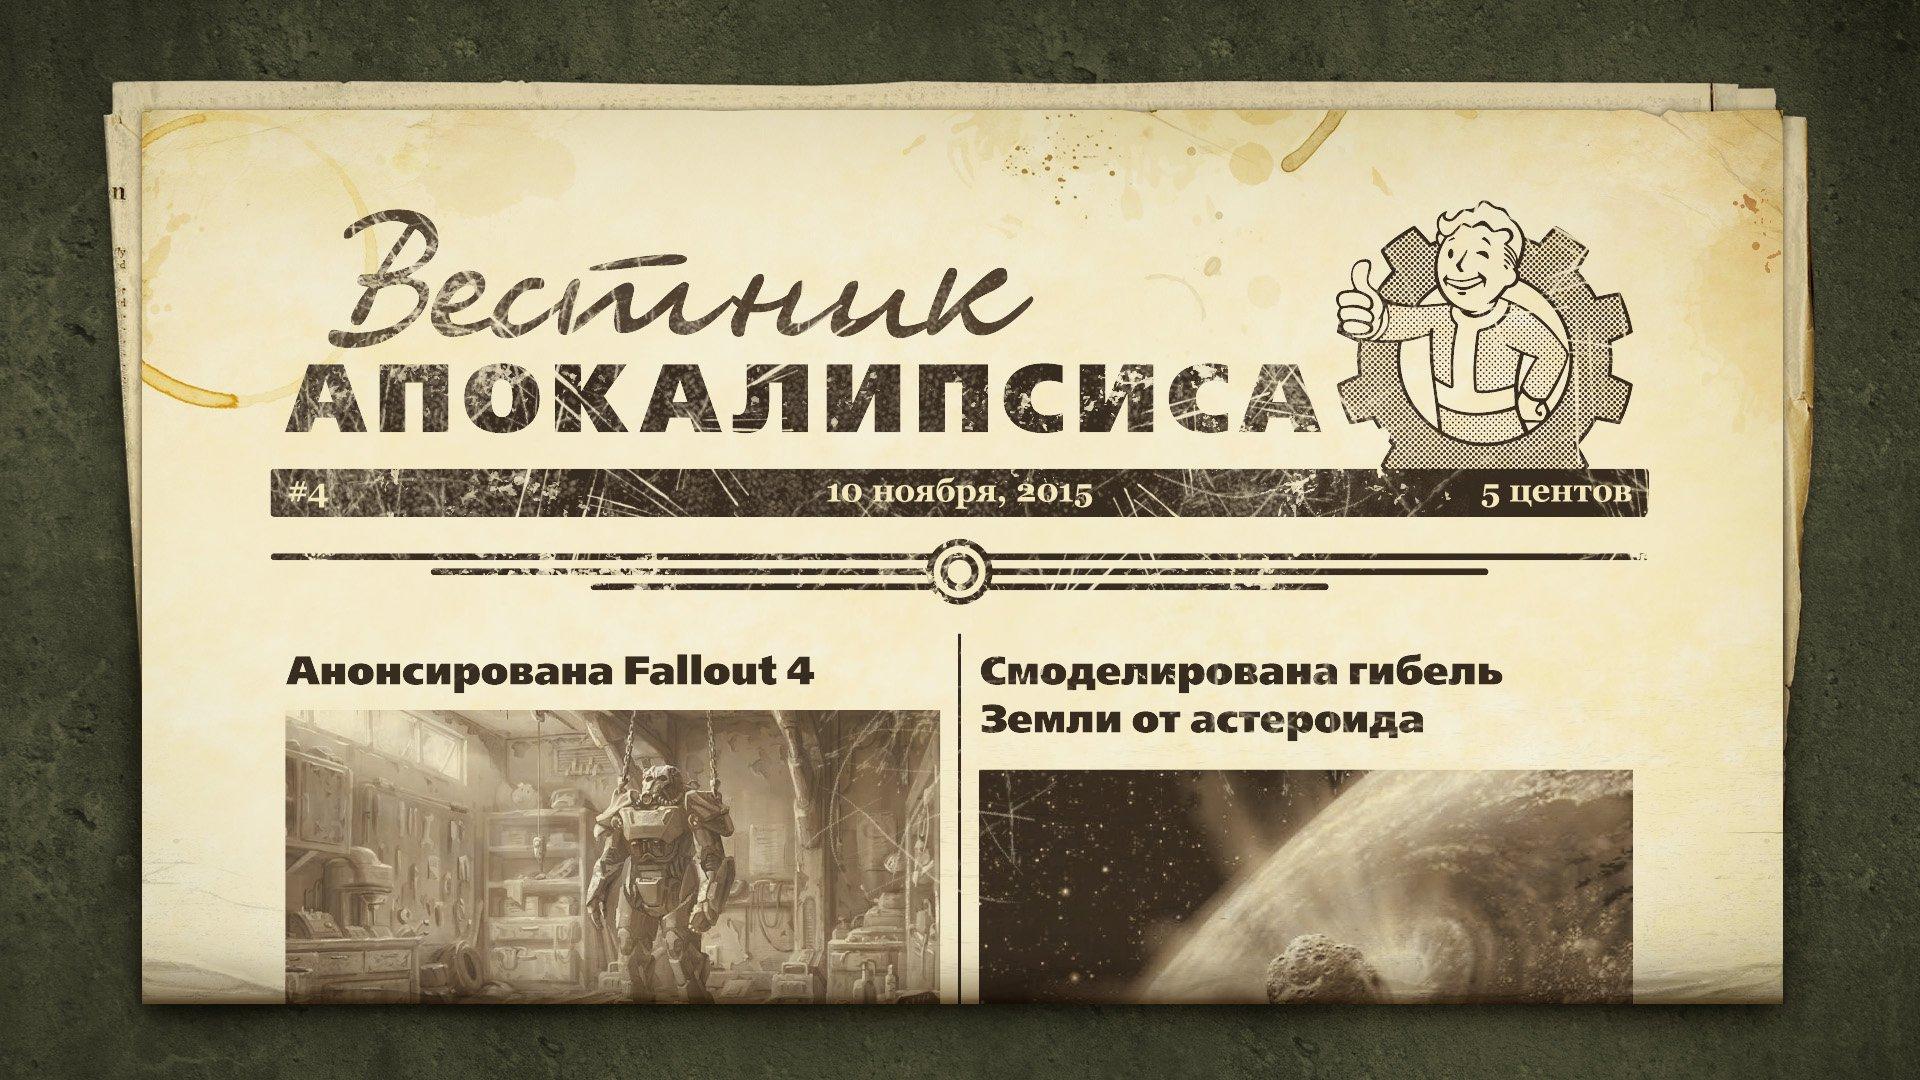 Итоги конкурса «Вестник Апокалипсиса» - Изображение 1